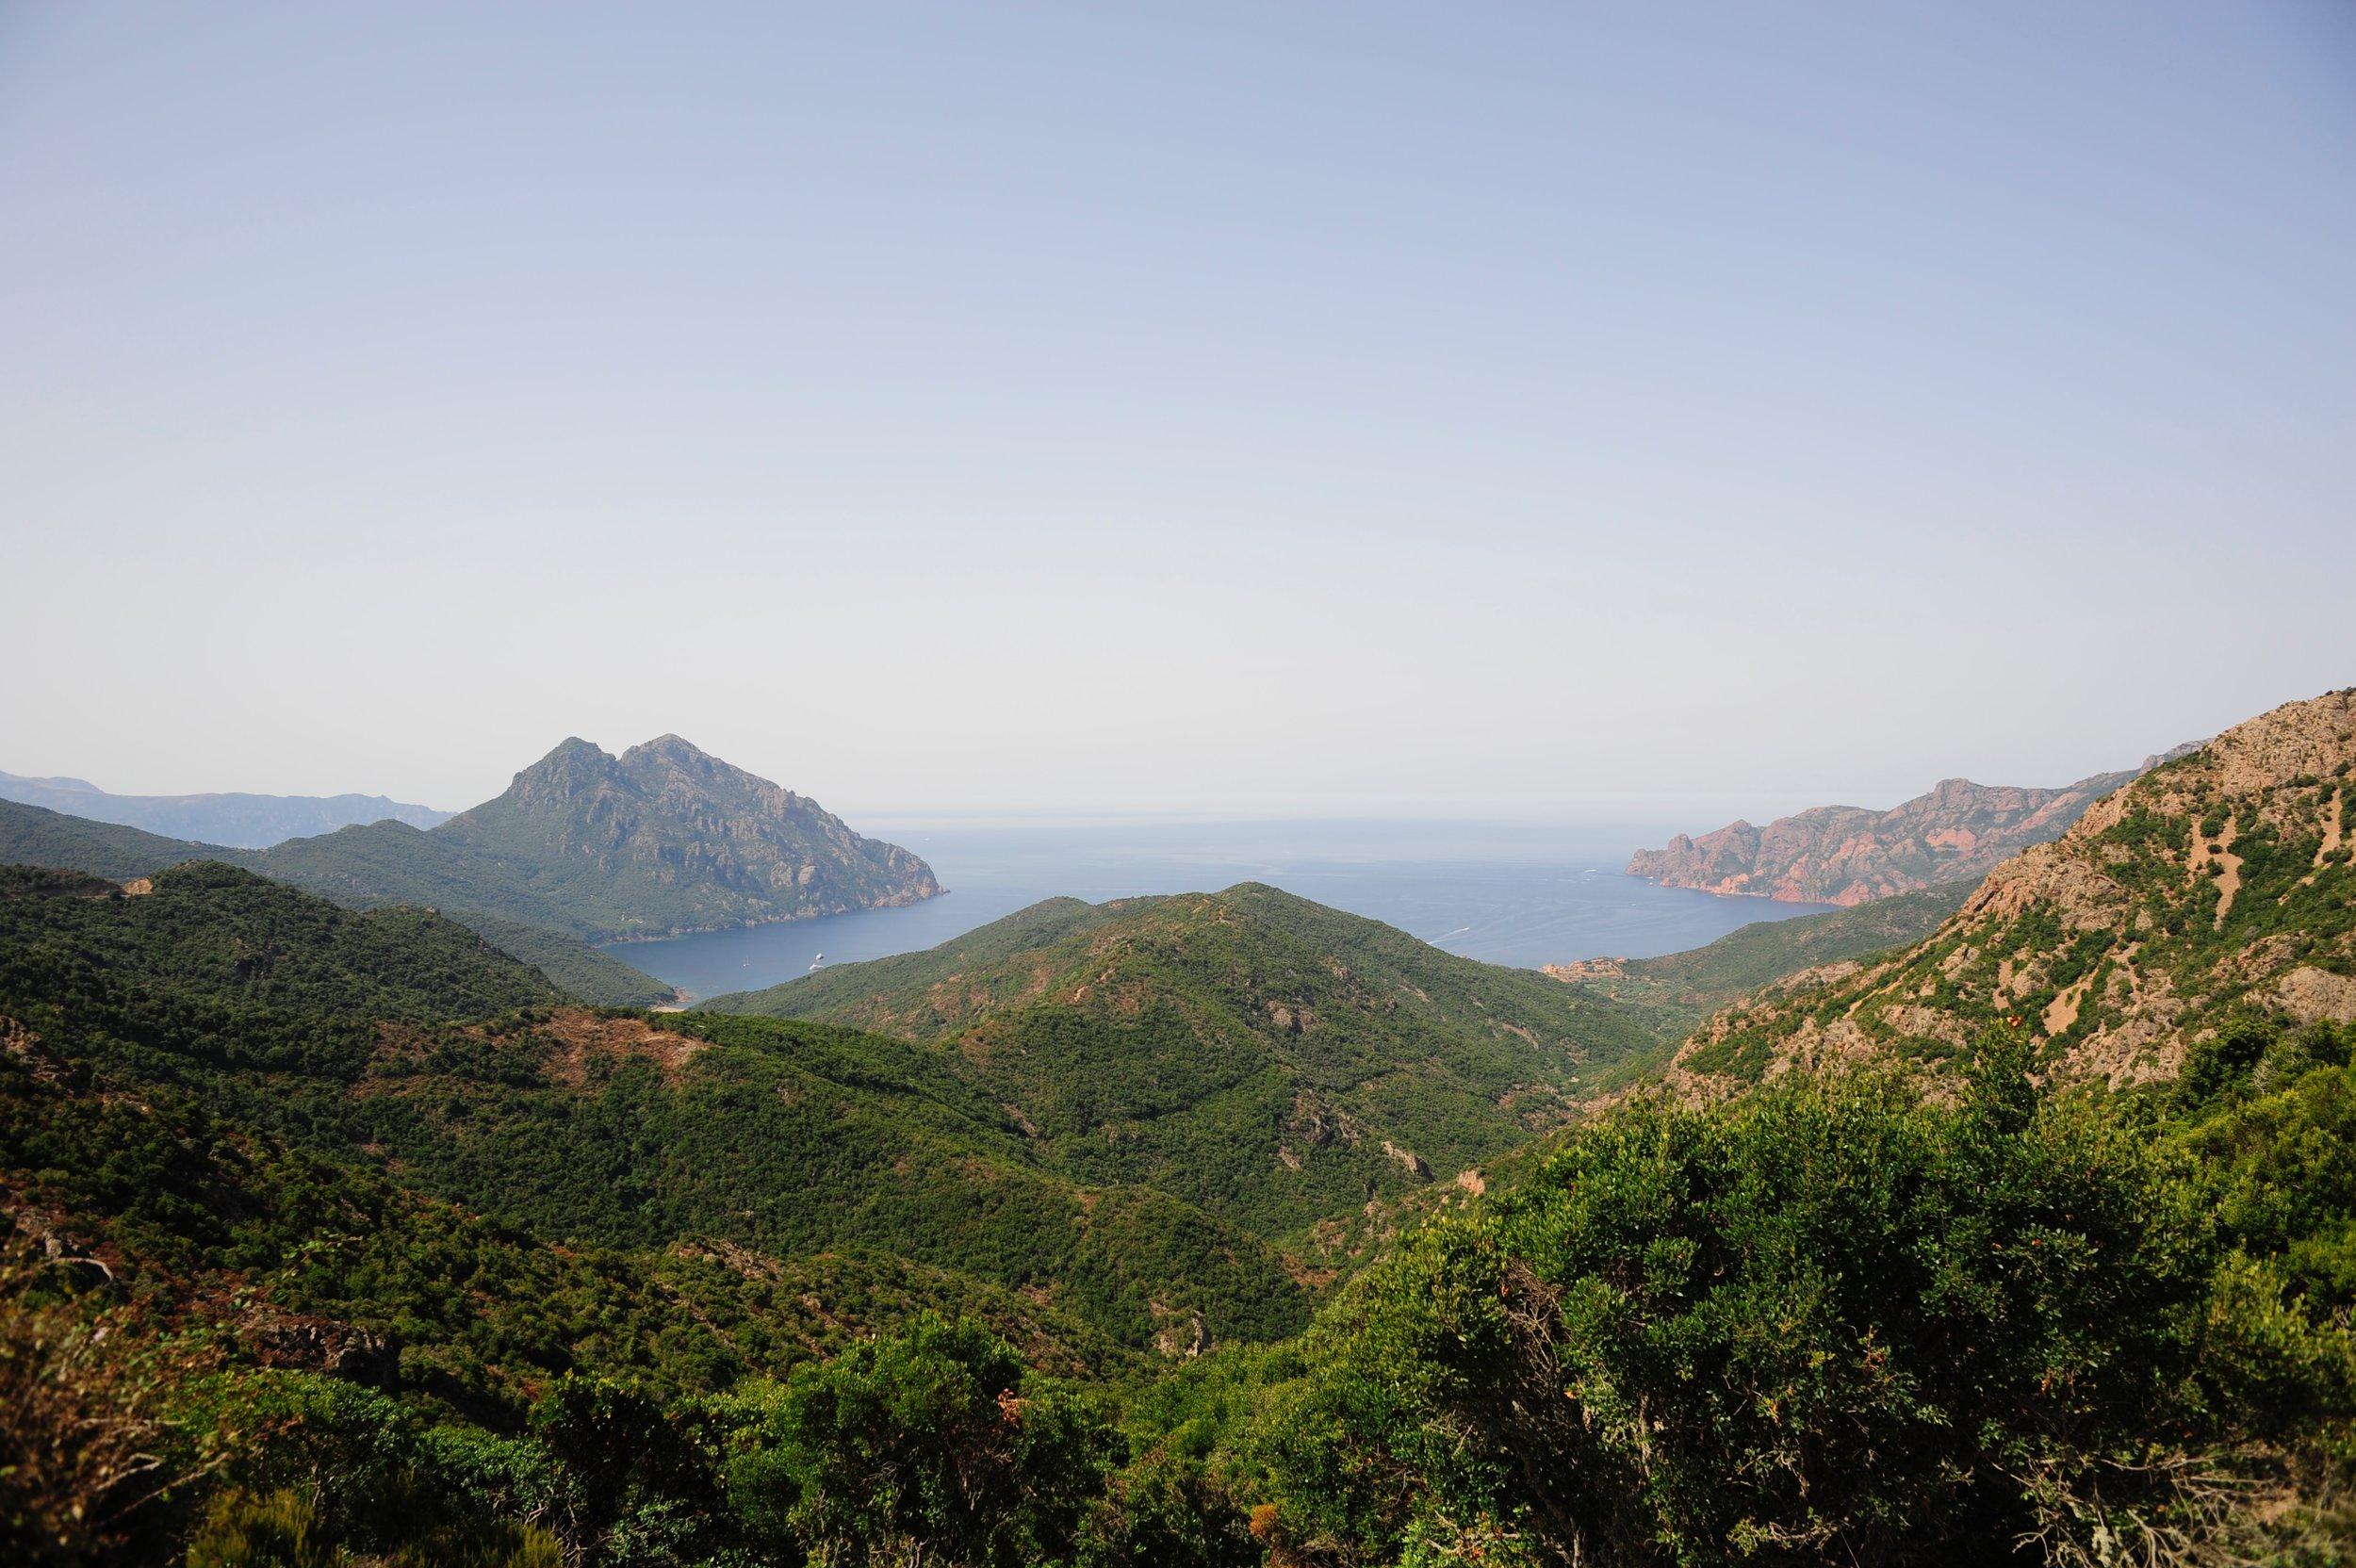 La costa corsa in una foto di Joren.